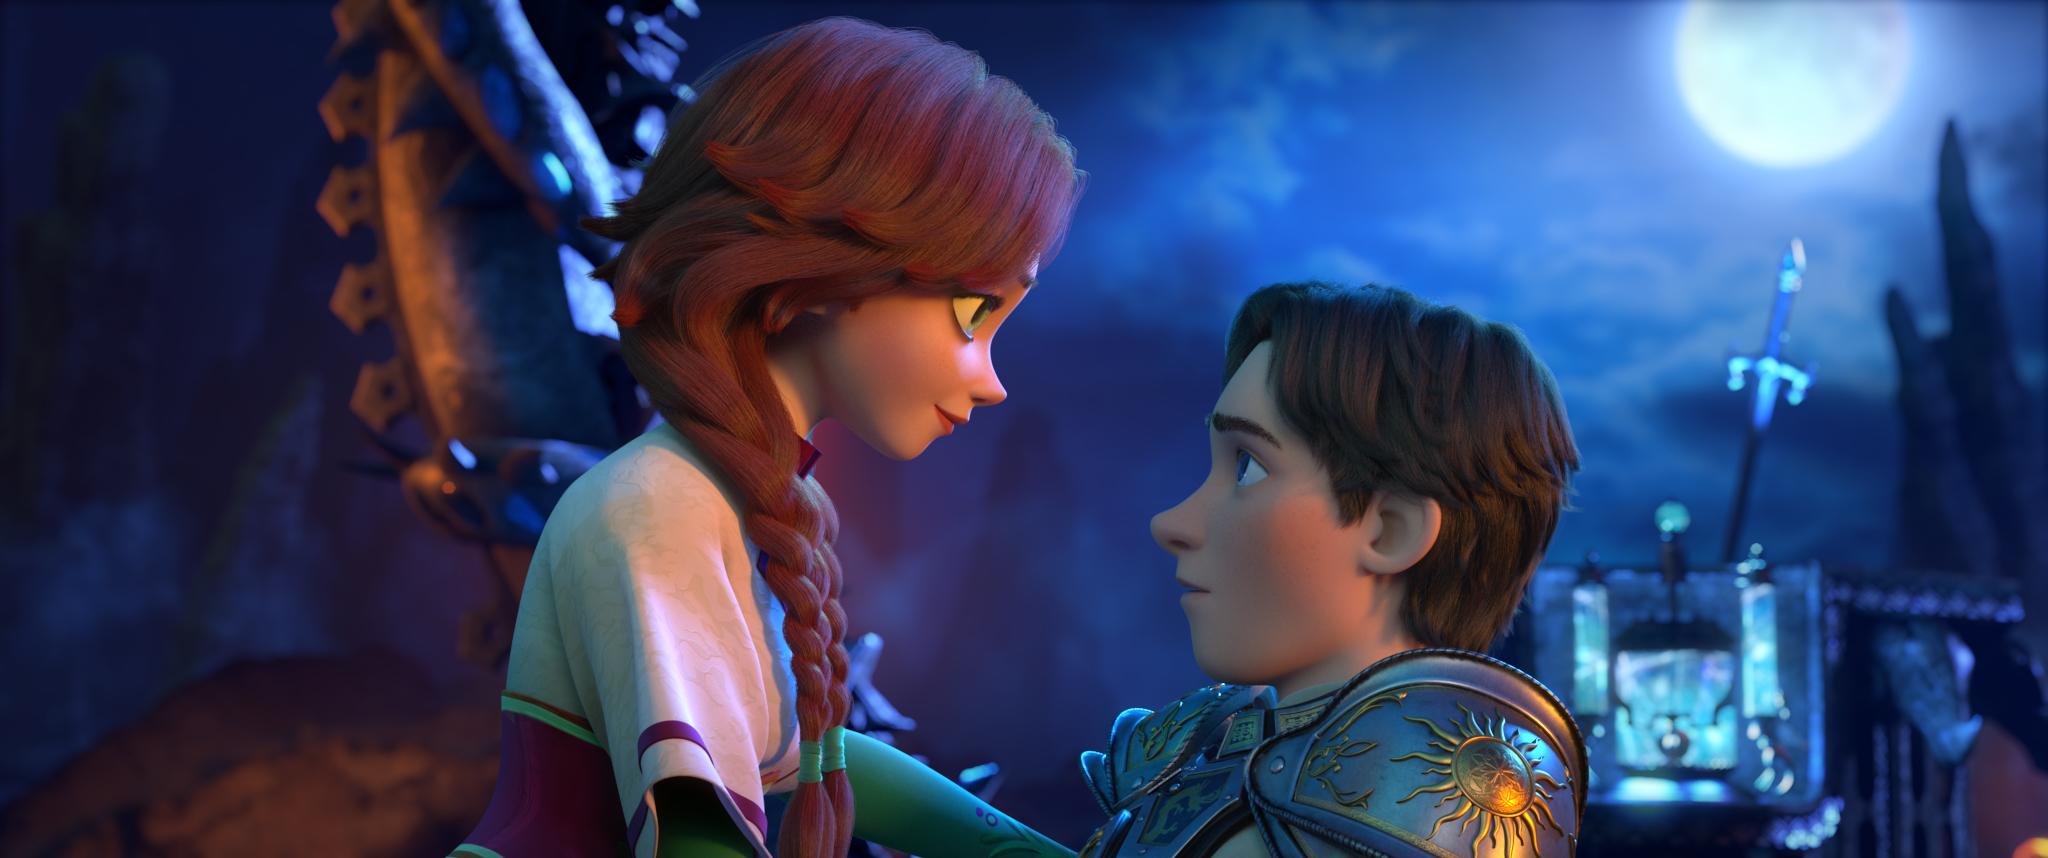 Фільми «Викрадена принцеса: Руслан і Людмила» і «Сторожова Застава» на кіноринку EFM продано до Чехії та Словаччини